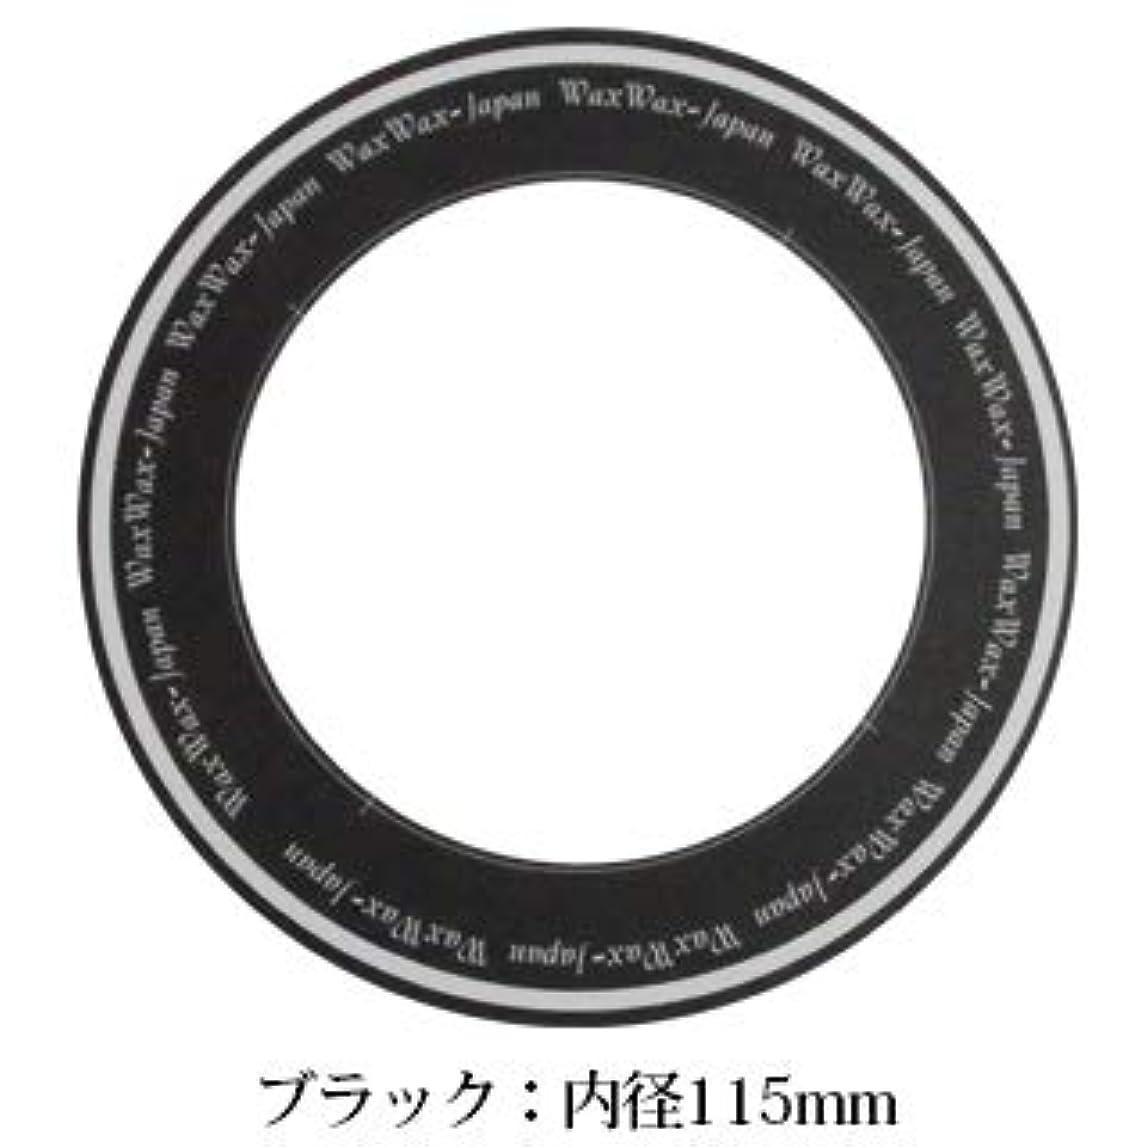 引き出す対称話ワックス脱毛用カラー 50枚入 ワックスウォーマー専用 (Bタイプ ブラック 内径:115mm)